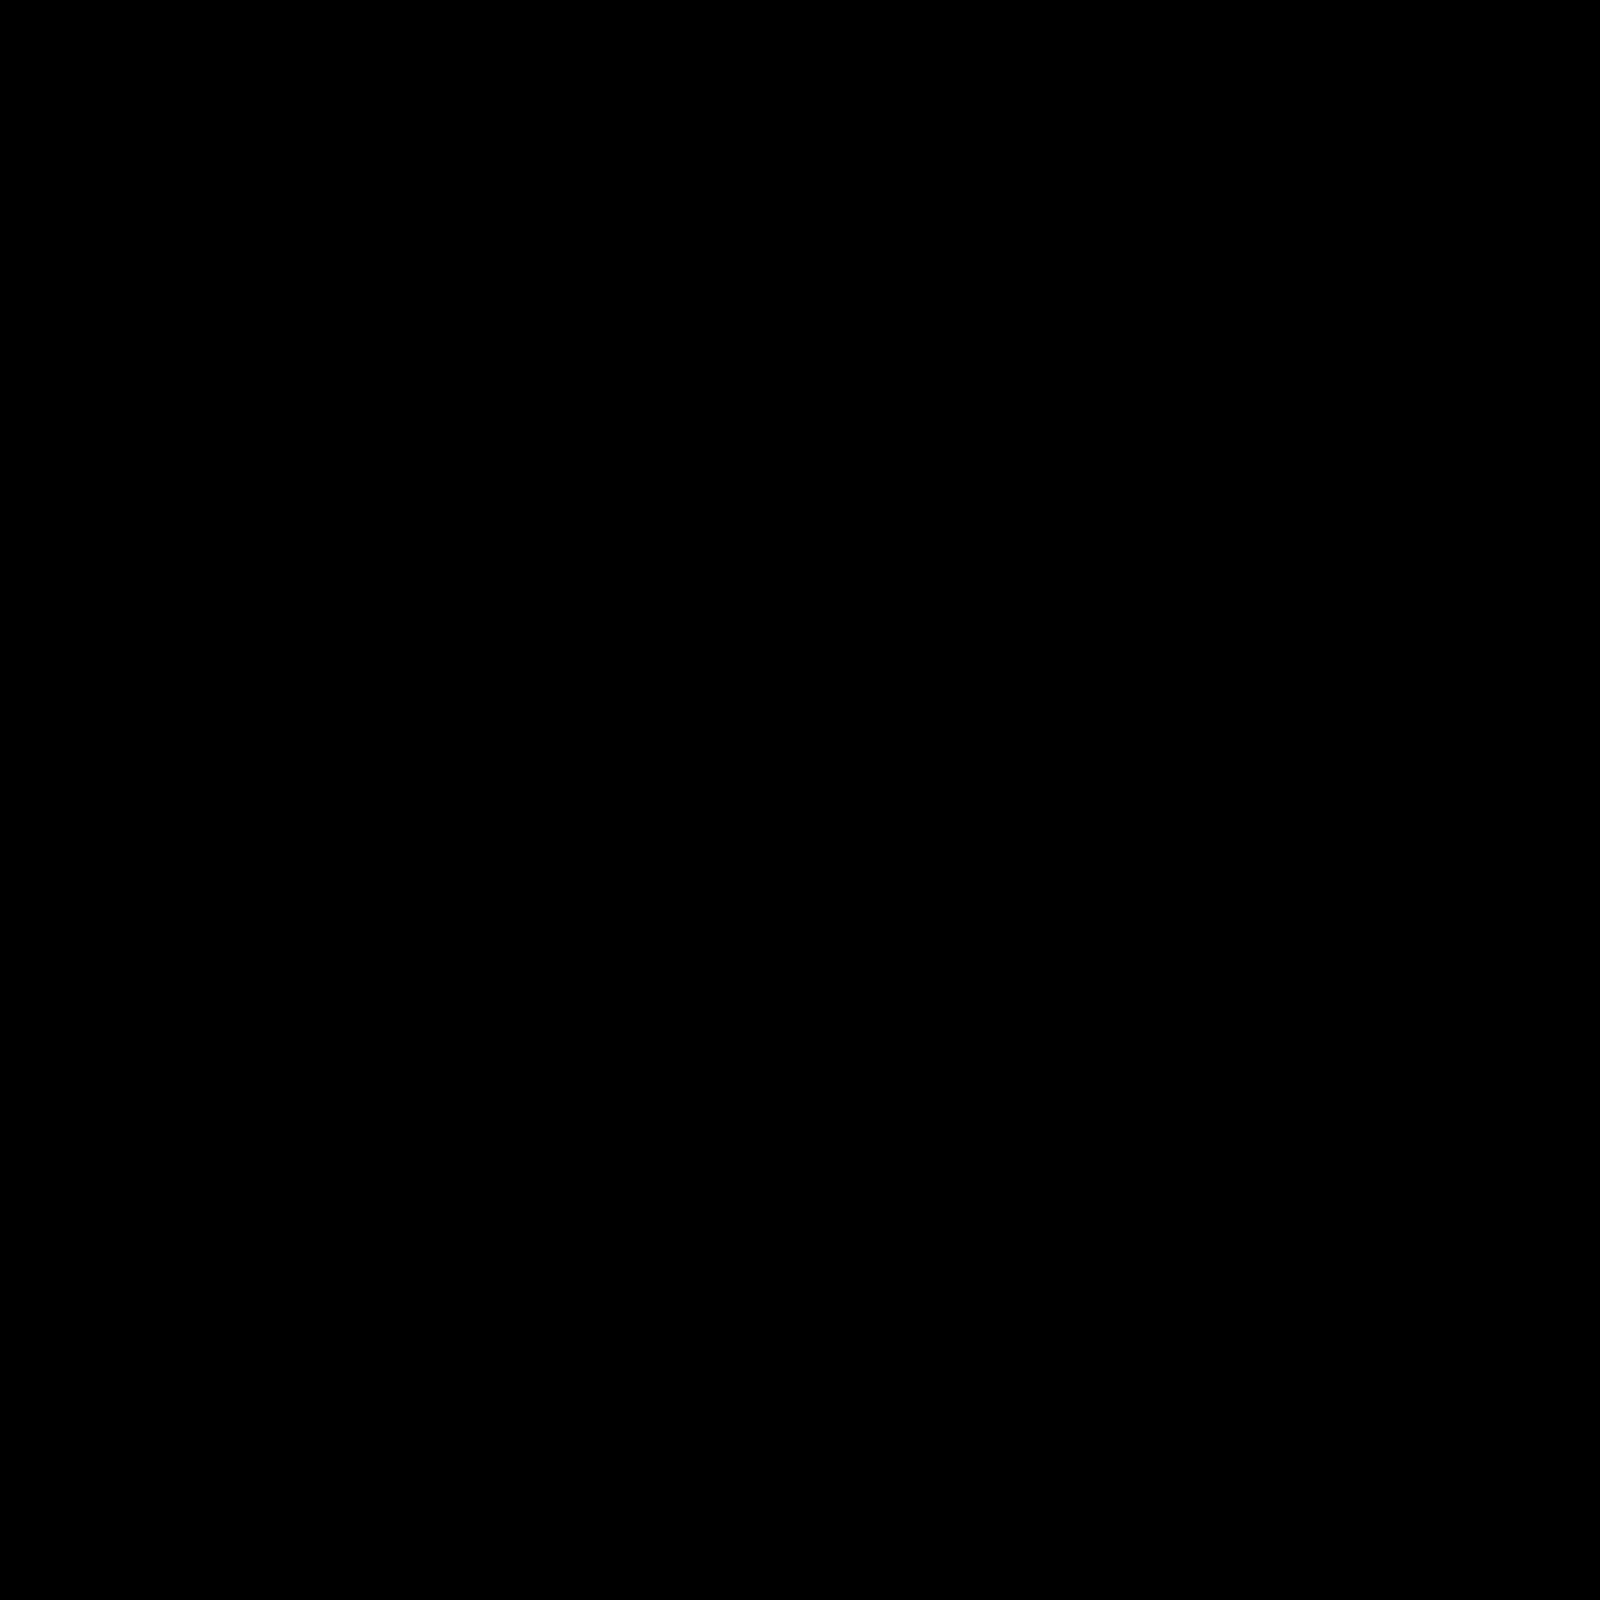 Detective clipart symbol. Computer icons clip art